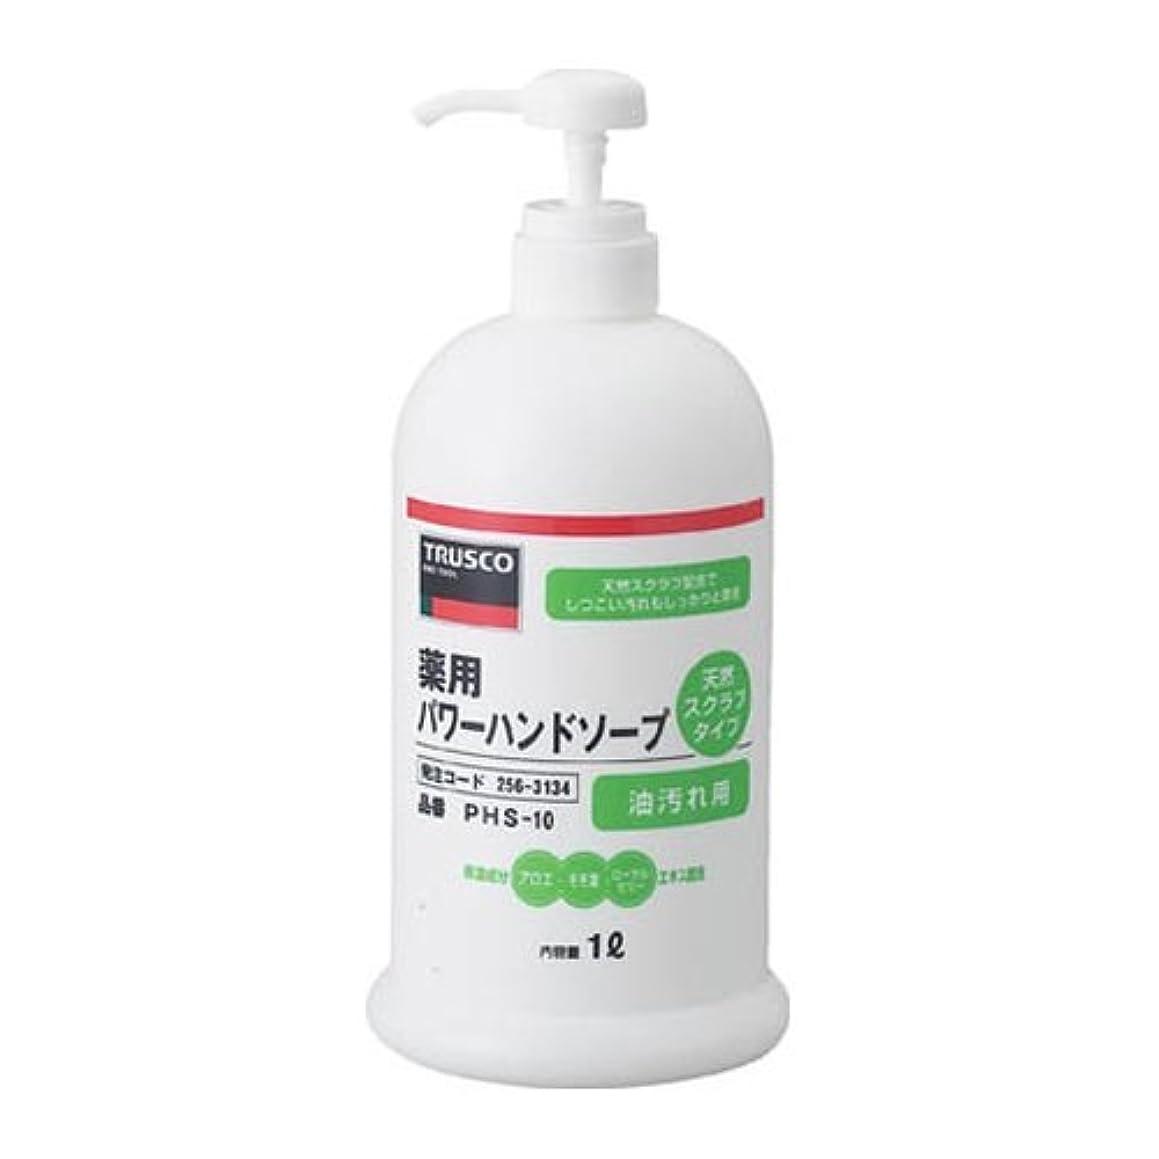 カスケード第年金受給者TRUSCO 薬用パワーハンドソープポンプボトル1.0L